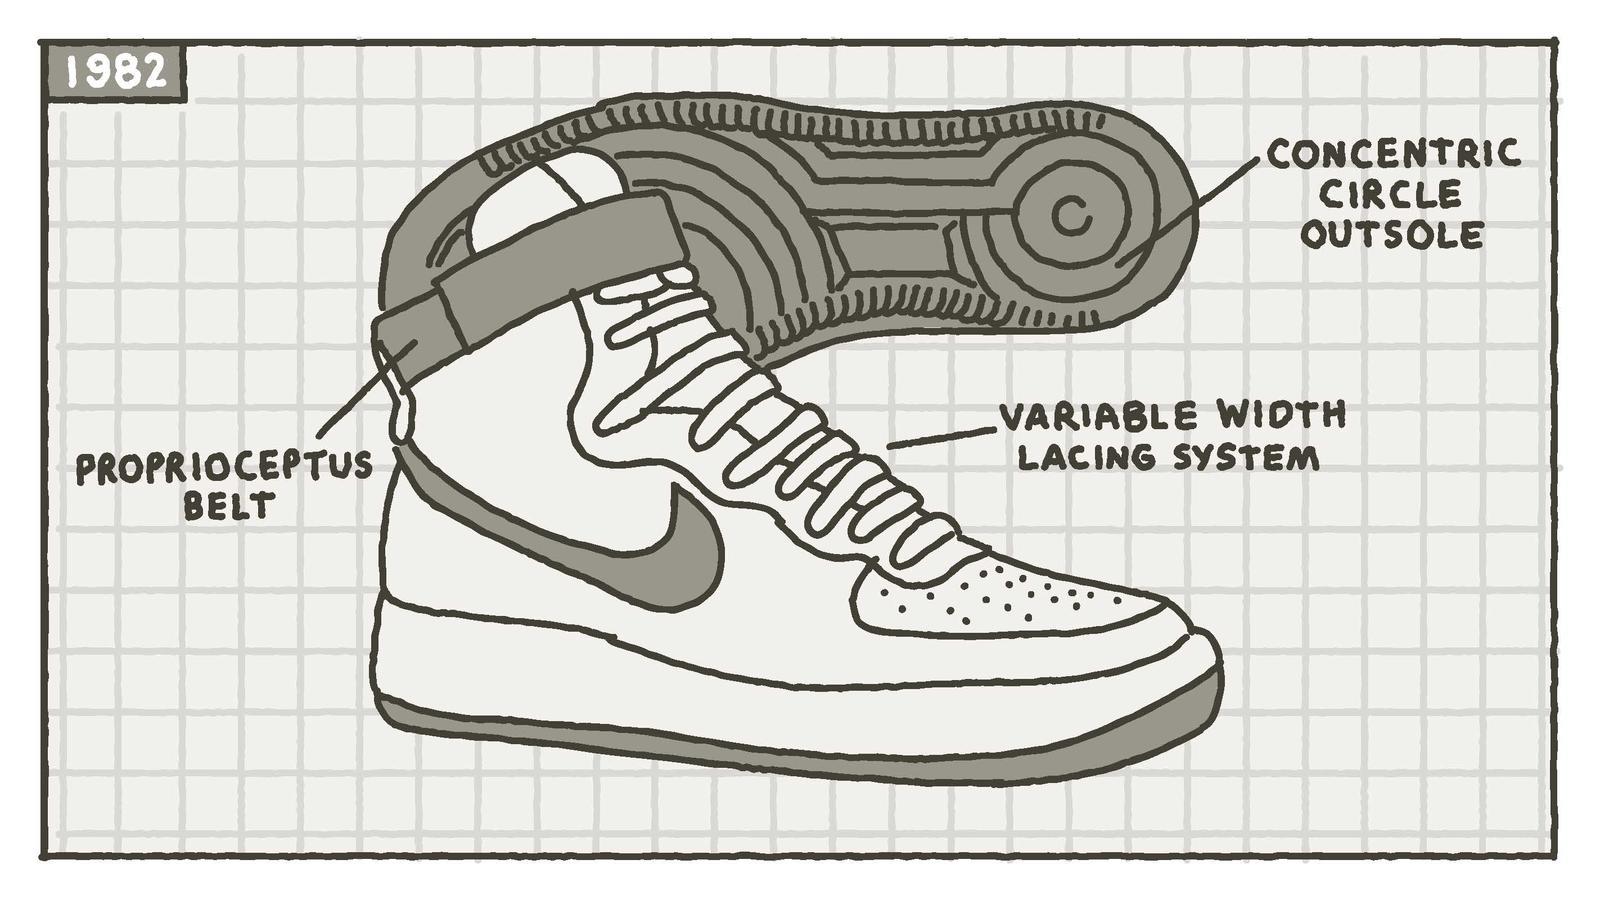 Nike Air Force 1 Visual History